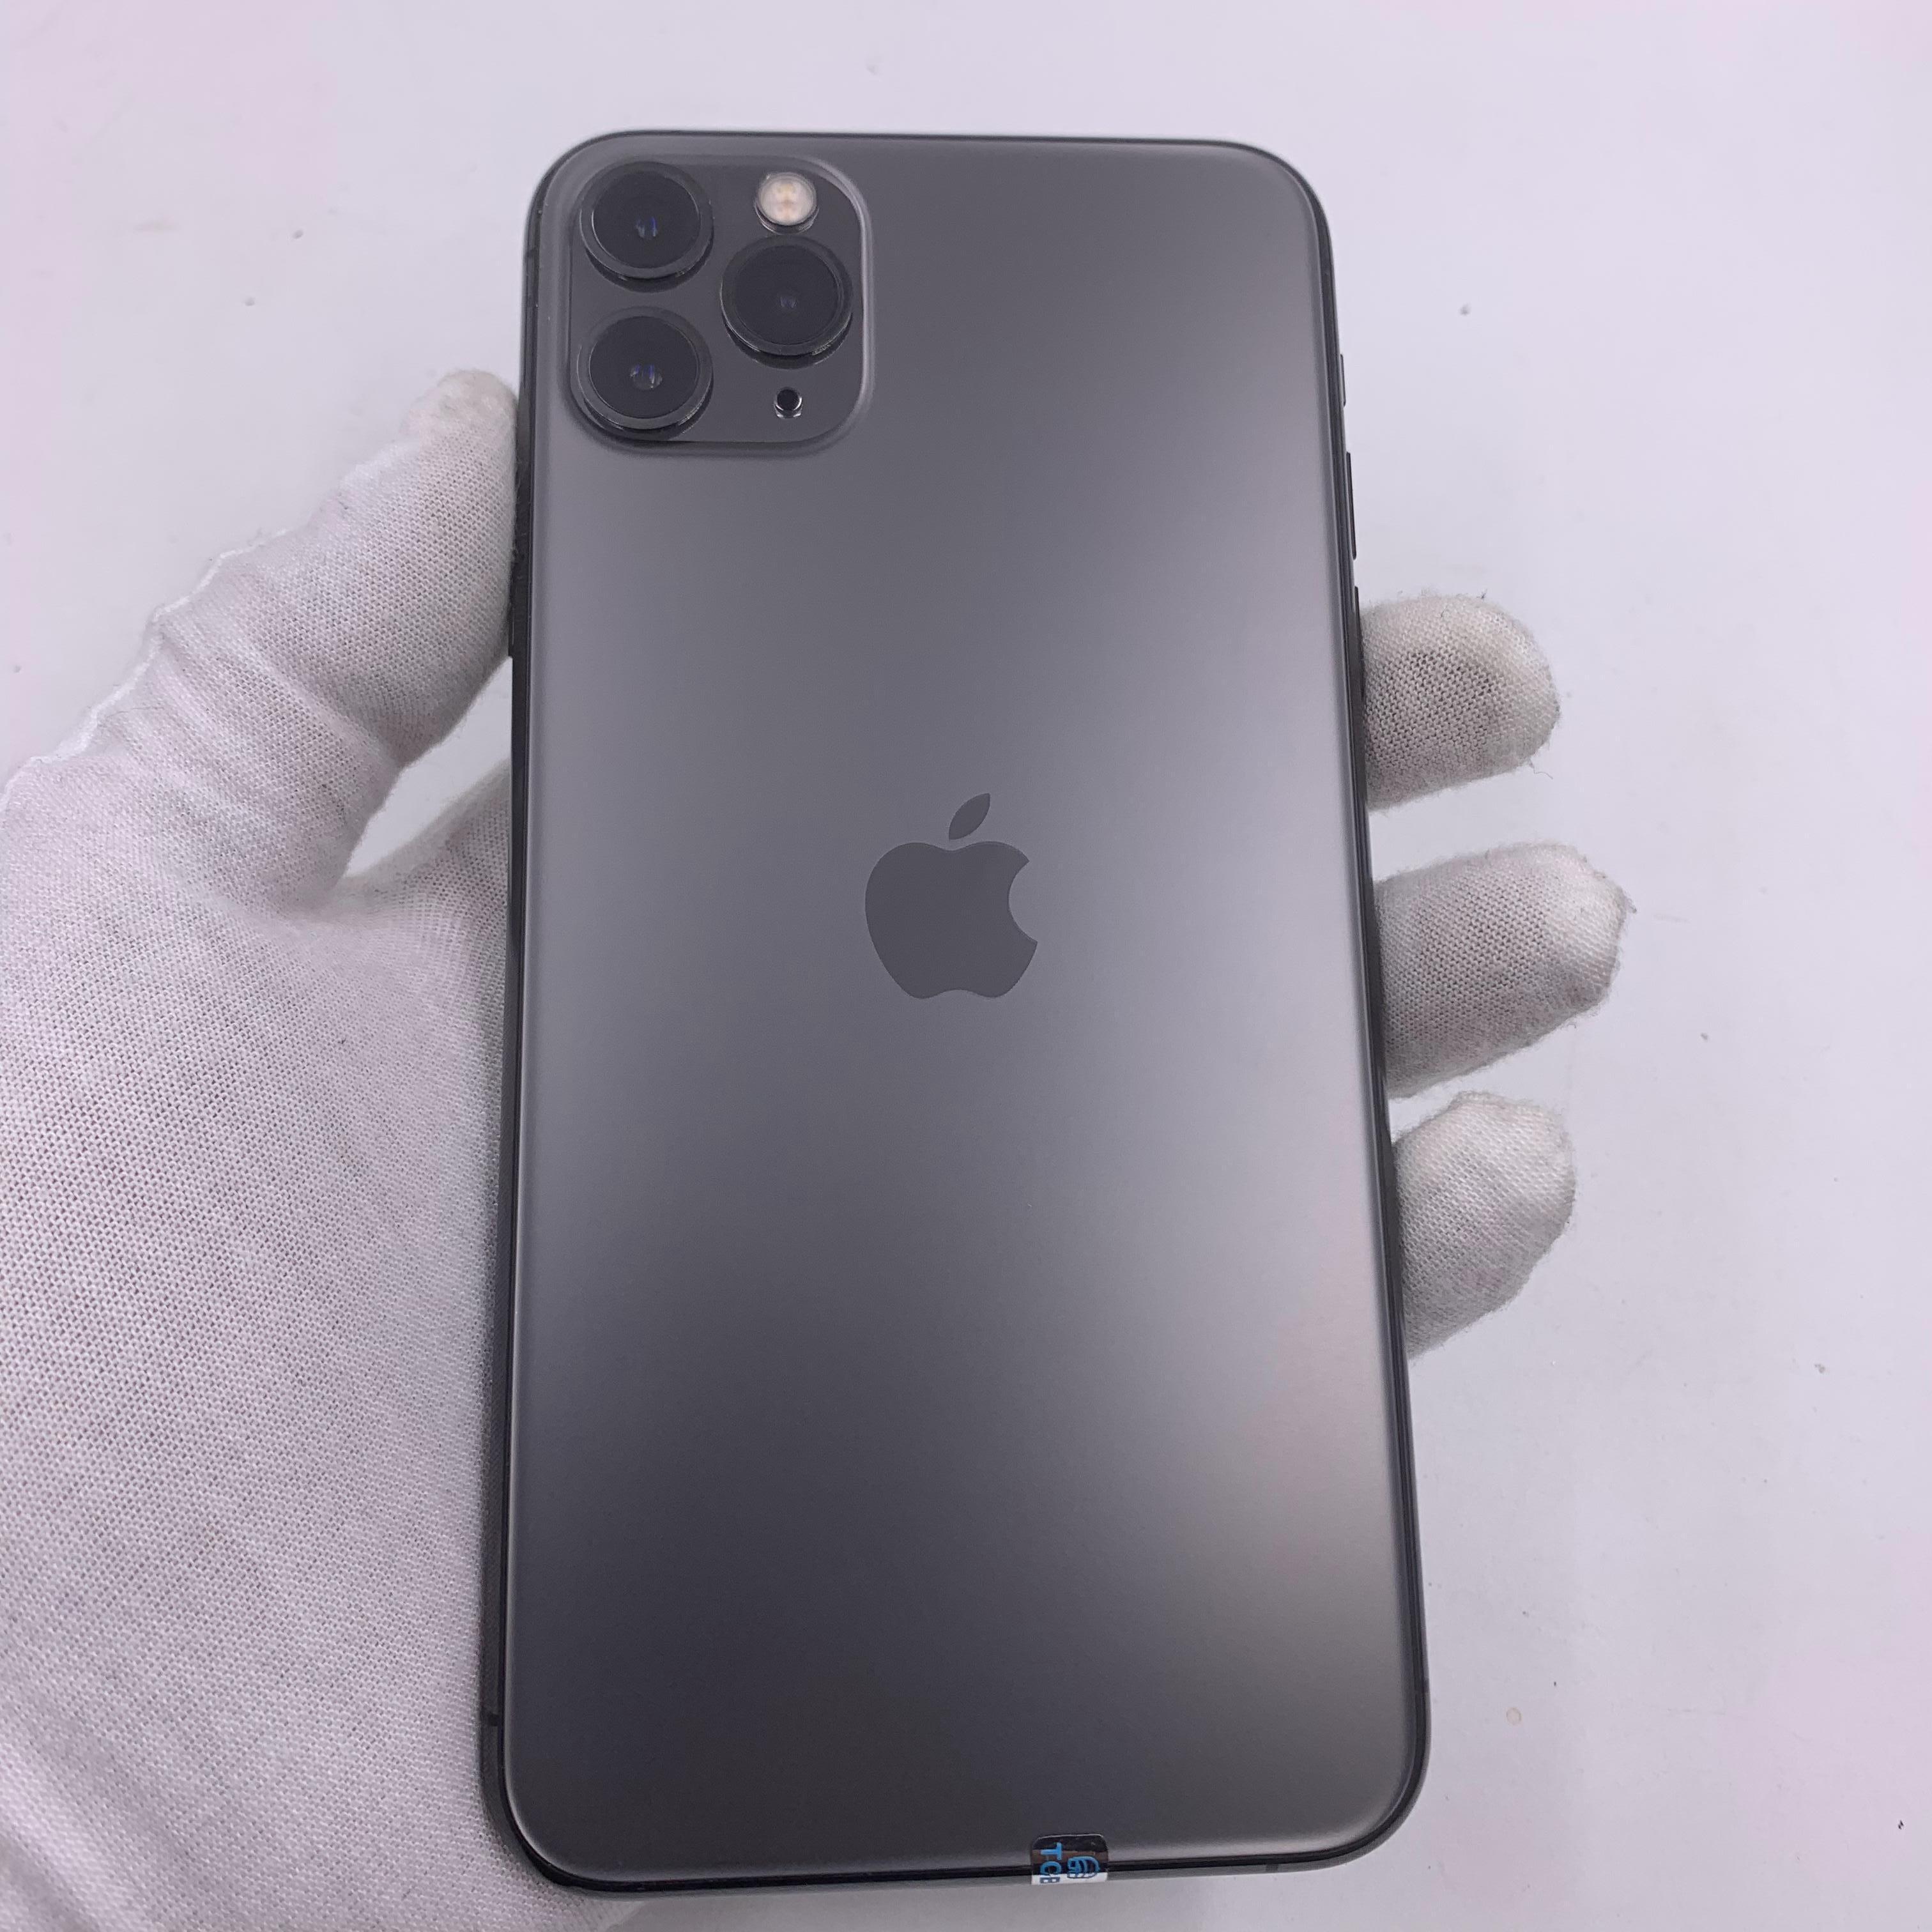 苹果【iPhone 11 Pro Max】4G全网通 深空灰 256G 国行 95新